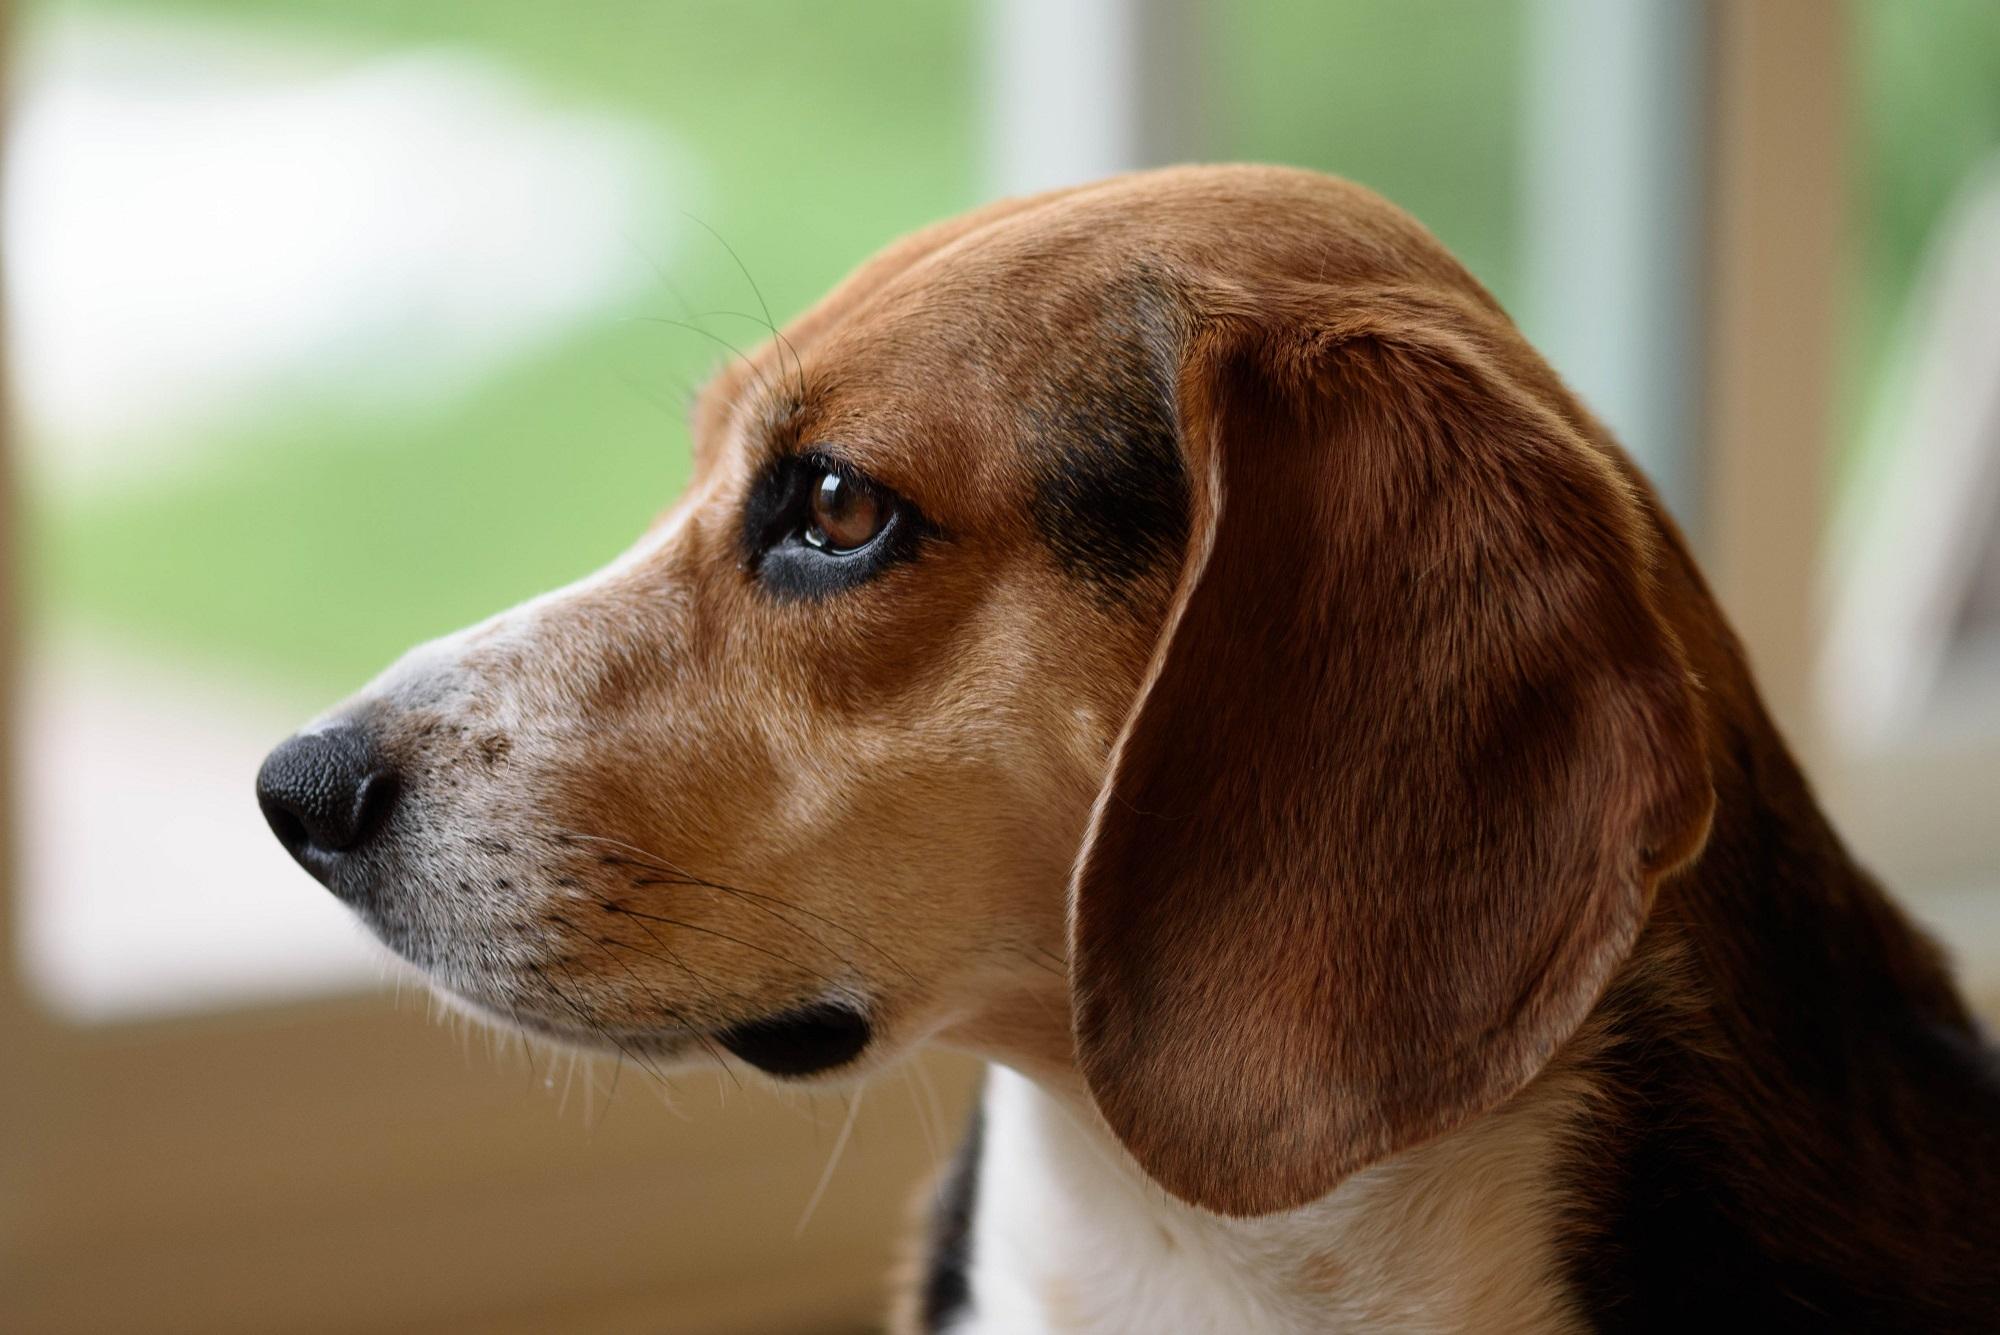 Beagle Dog, Animal, Beagle, Dog, Friend, HQ Photo